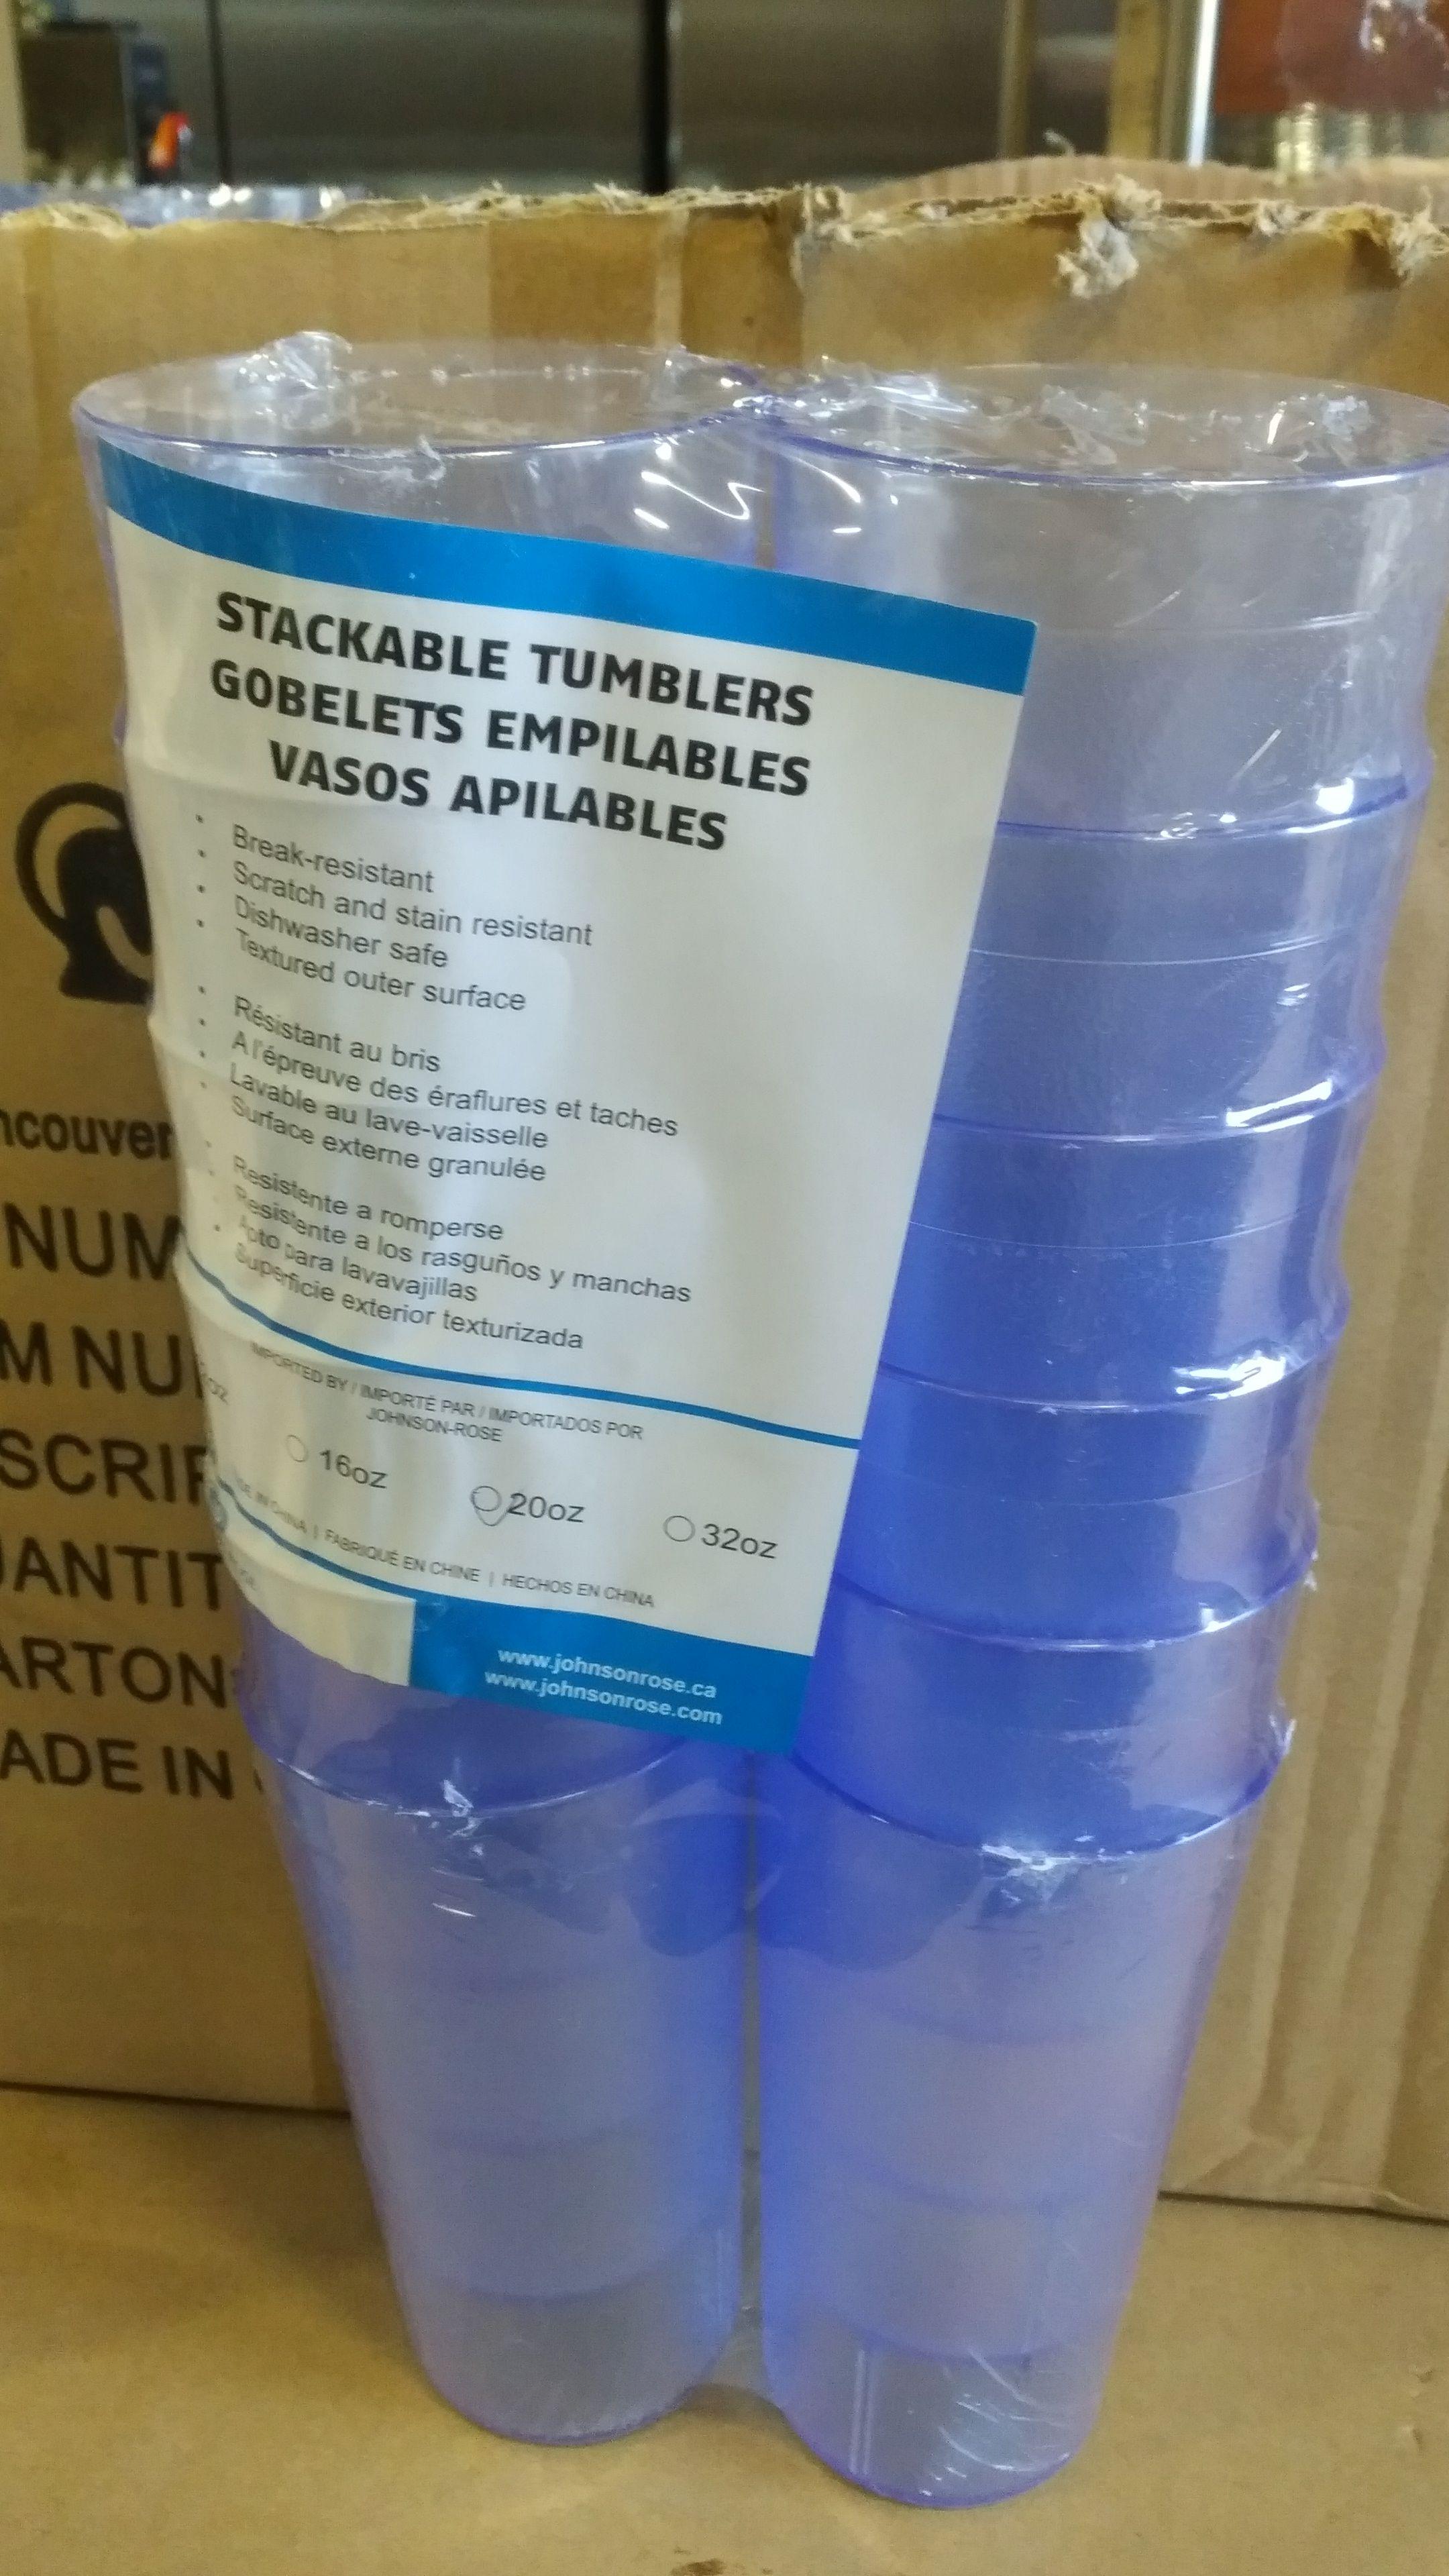 Lot 42 - 20oz Blue Tumblers - Lot of 144